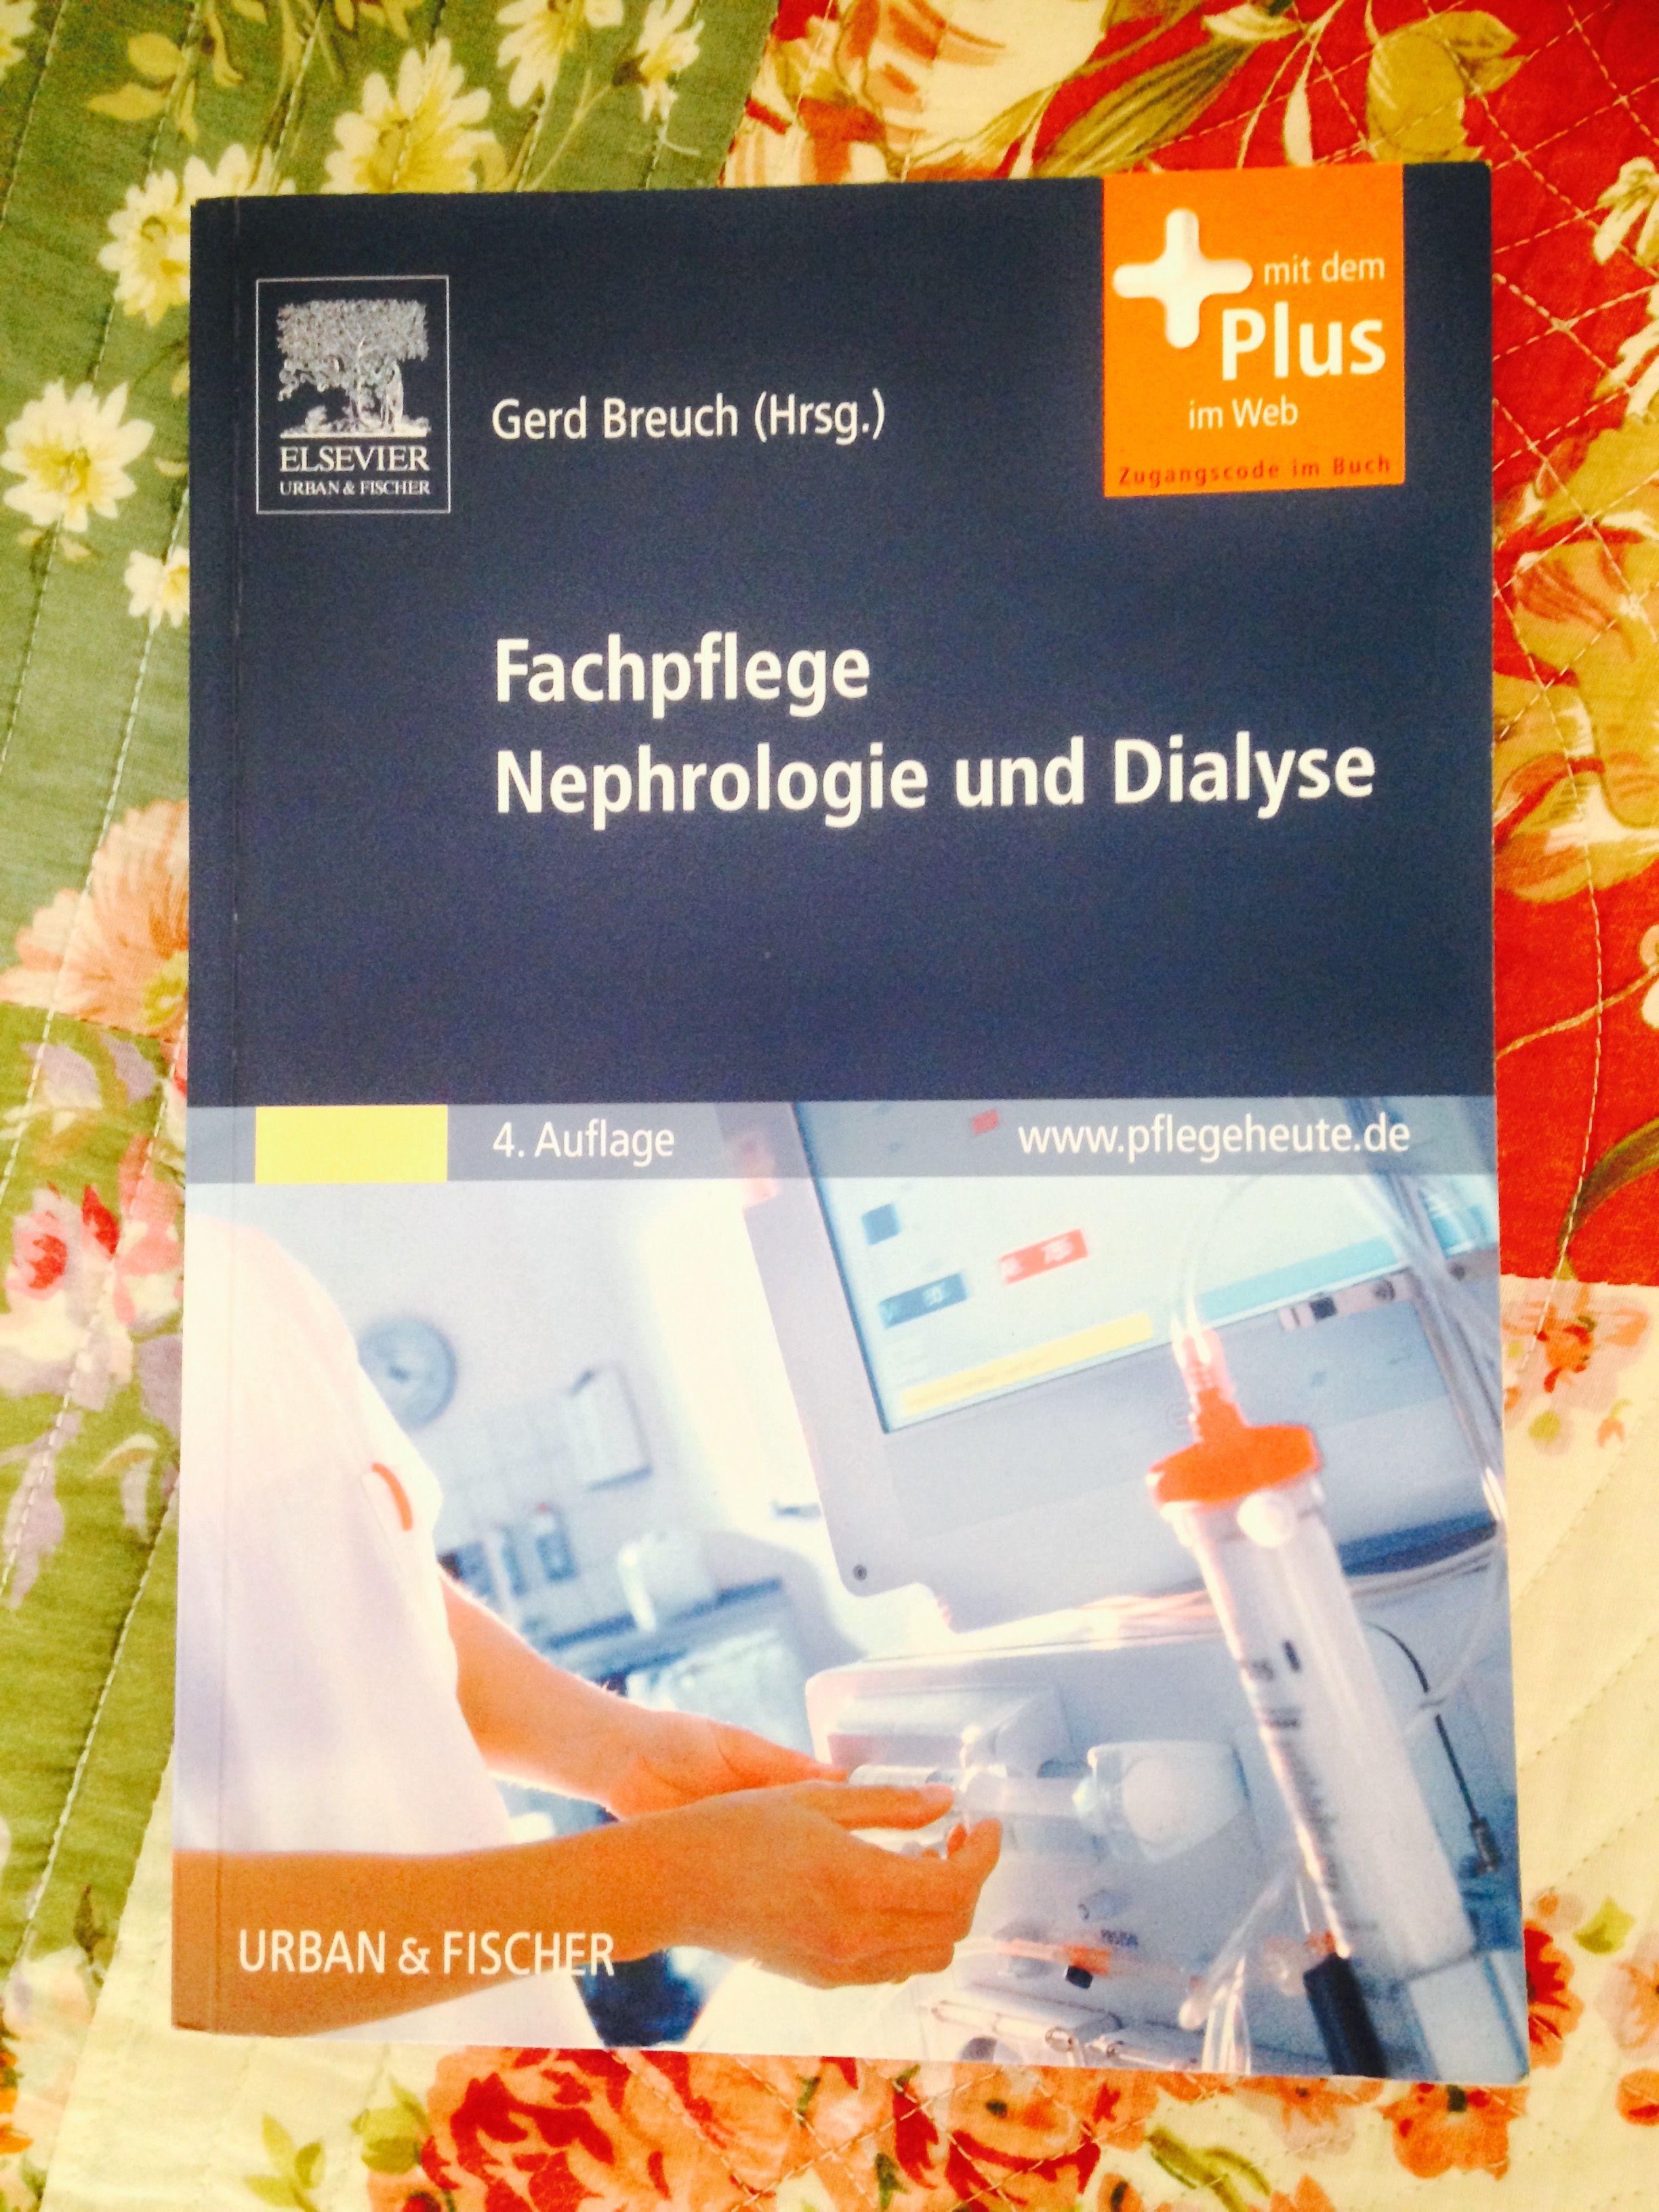 Fachpflege Nephrologie und Dialyse. In meinem Bücherregal.  #diaylse